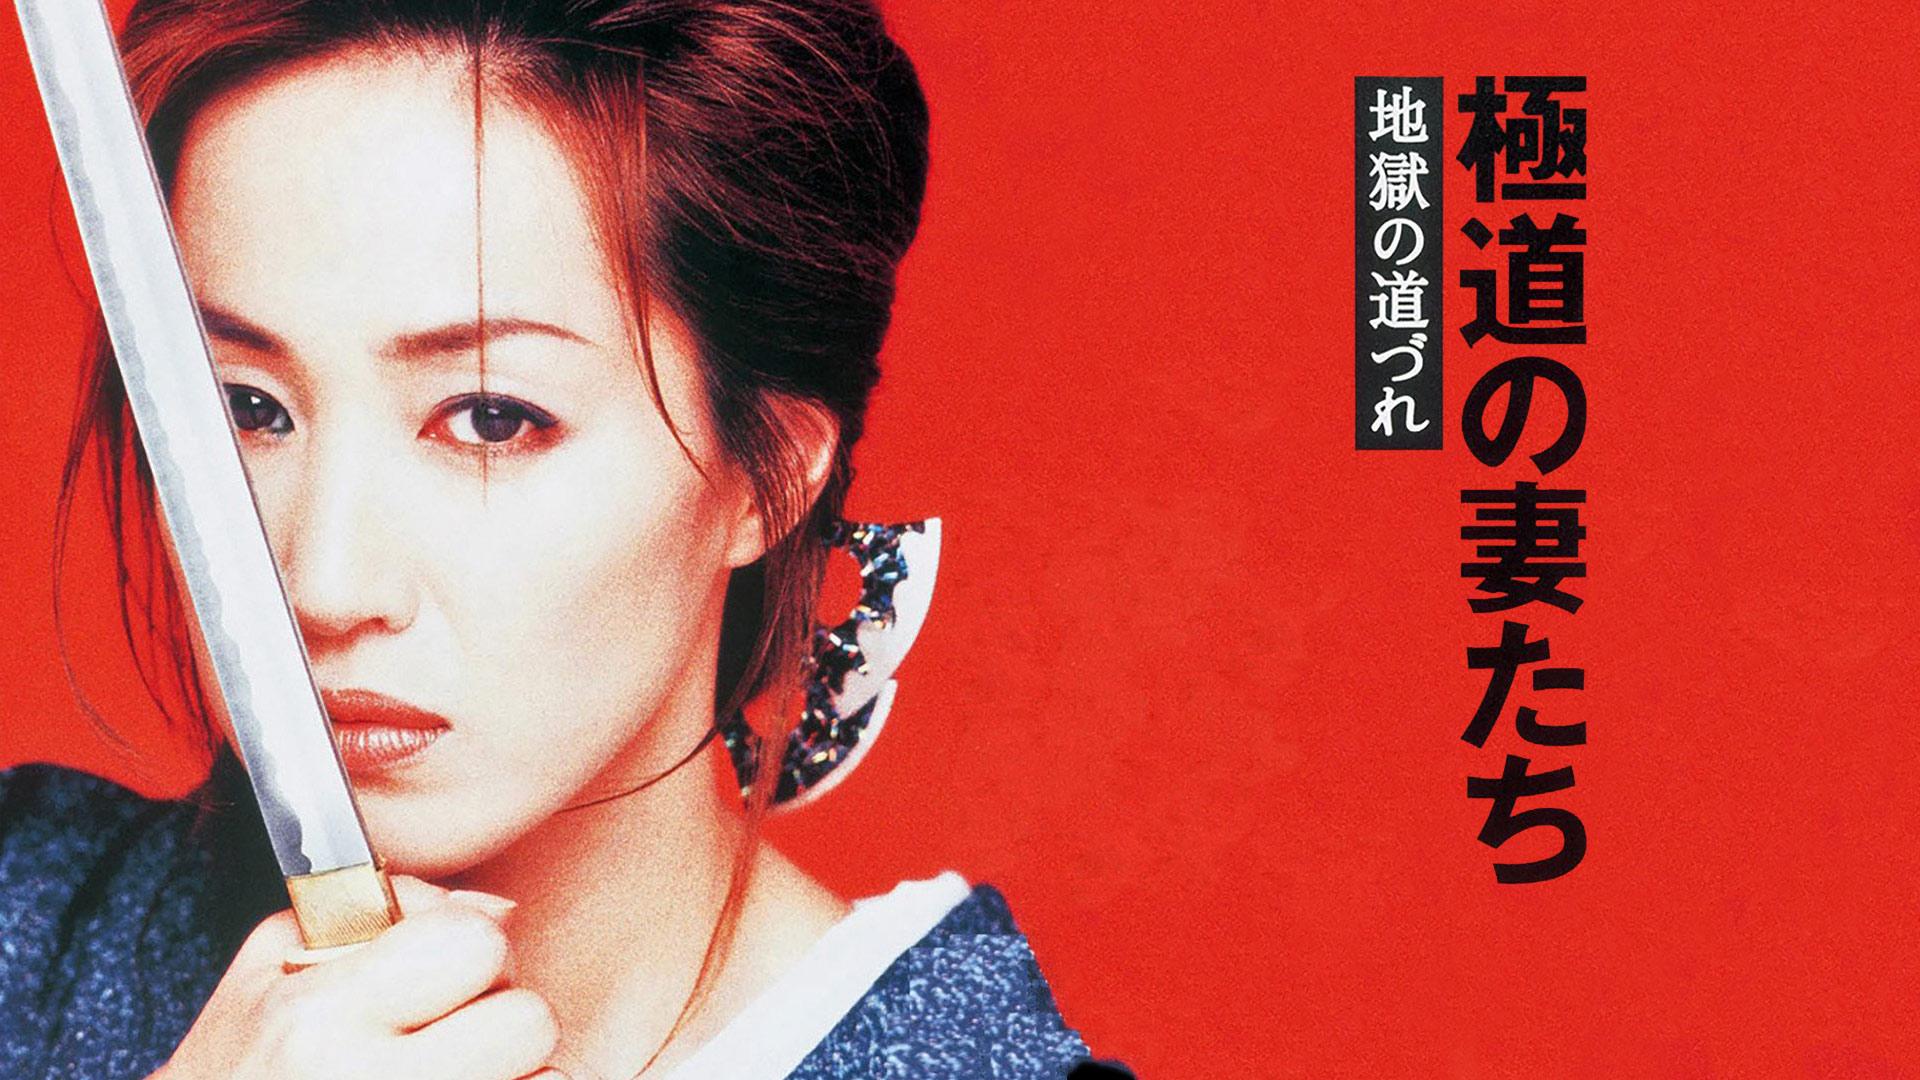 の 妻たち 極道 傑作ヤクザ映画『極道の妻(おんな)たち』! 五社英雄監督は岩下志麻に惚れていた!?